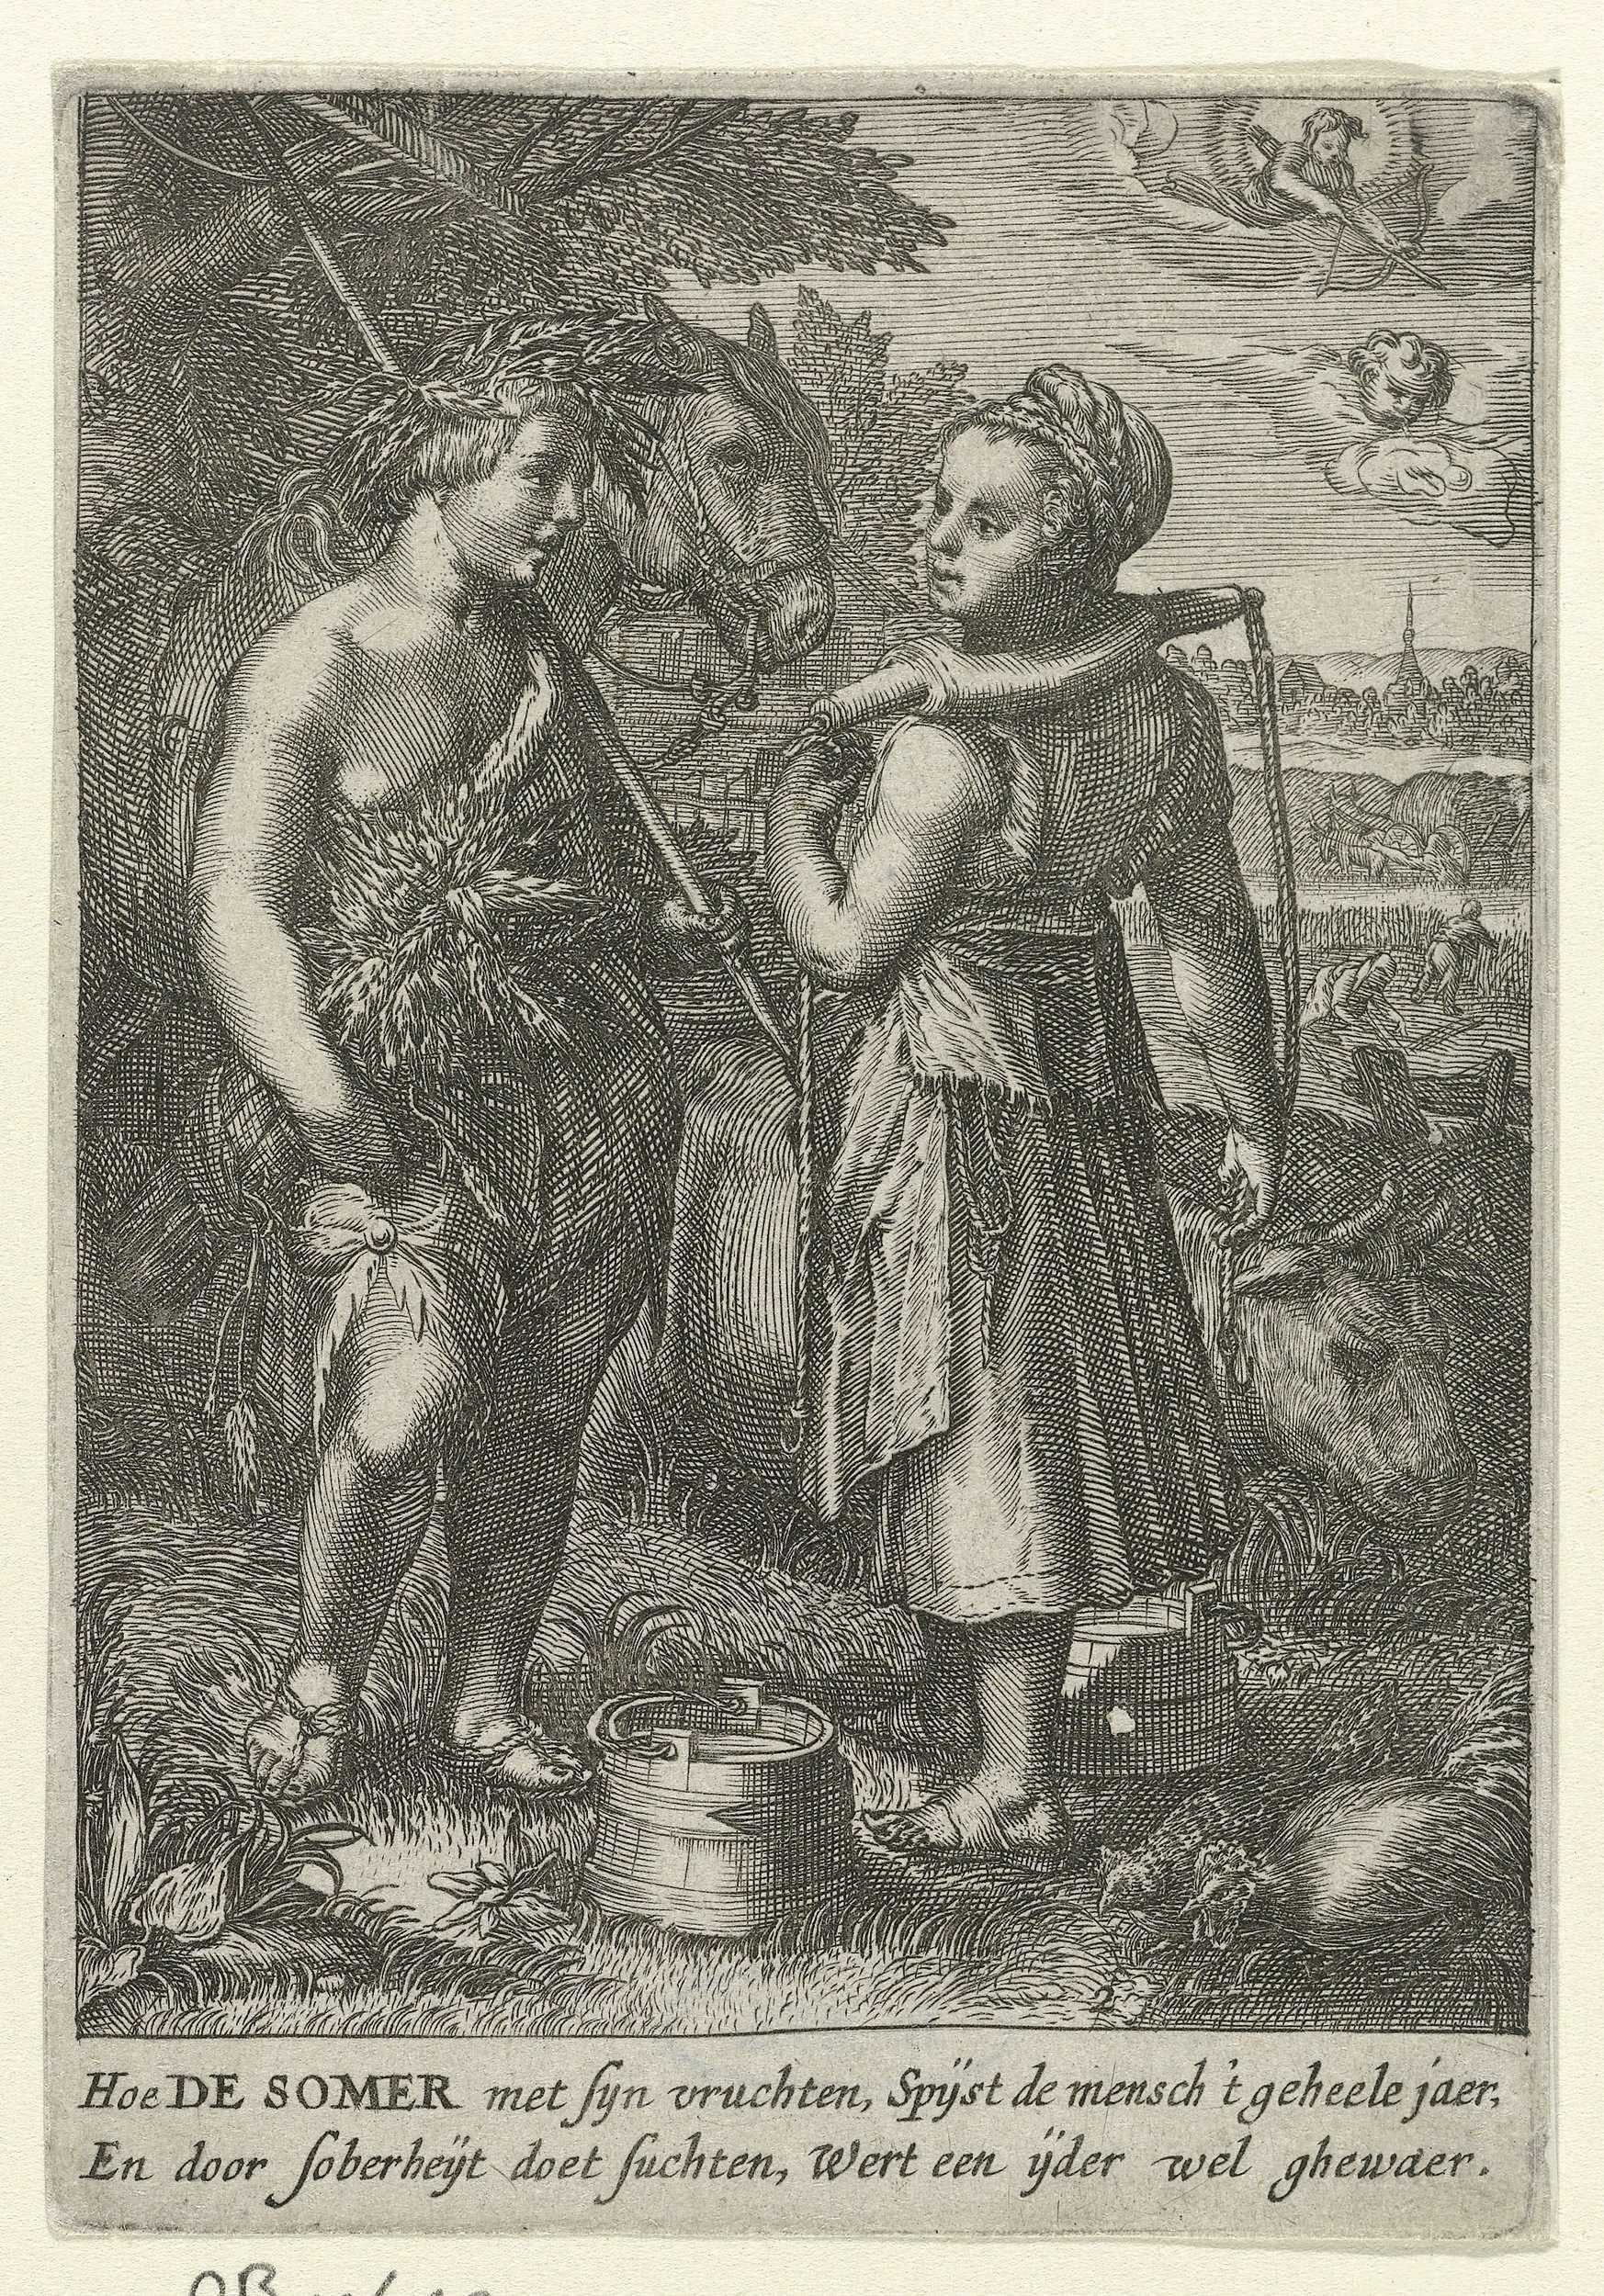 Jan Saenredam | De Zomer, Jan Saenredam, Anonymous, Hendrick Goltzius, 1601 - c. 1651 | Ontmoeting tussen een melkmeisje en boerenjongen in een landschap. Het meisje staat met een juk op haar schouders, de jongen draagt korenaren in het haar, een korenschoof onder de arm en een hark over de schouder. Achter hen een paard en een grazende koe. In de lucht vliegt Amor met pijl en boog.